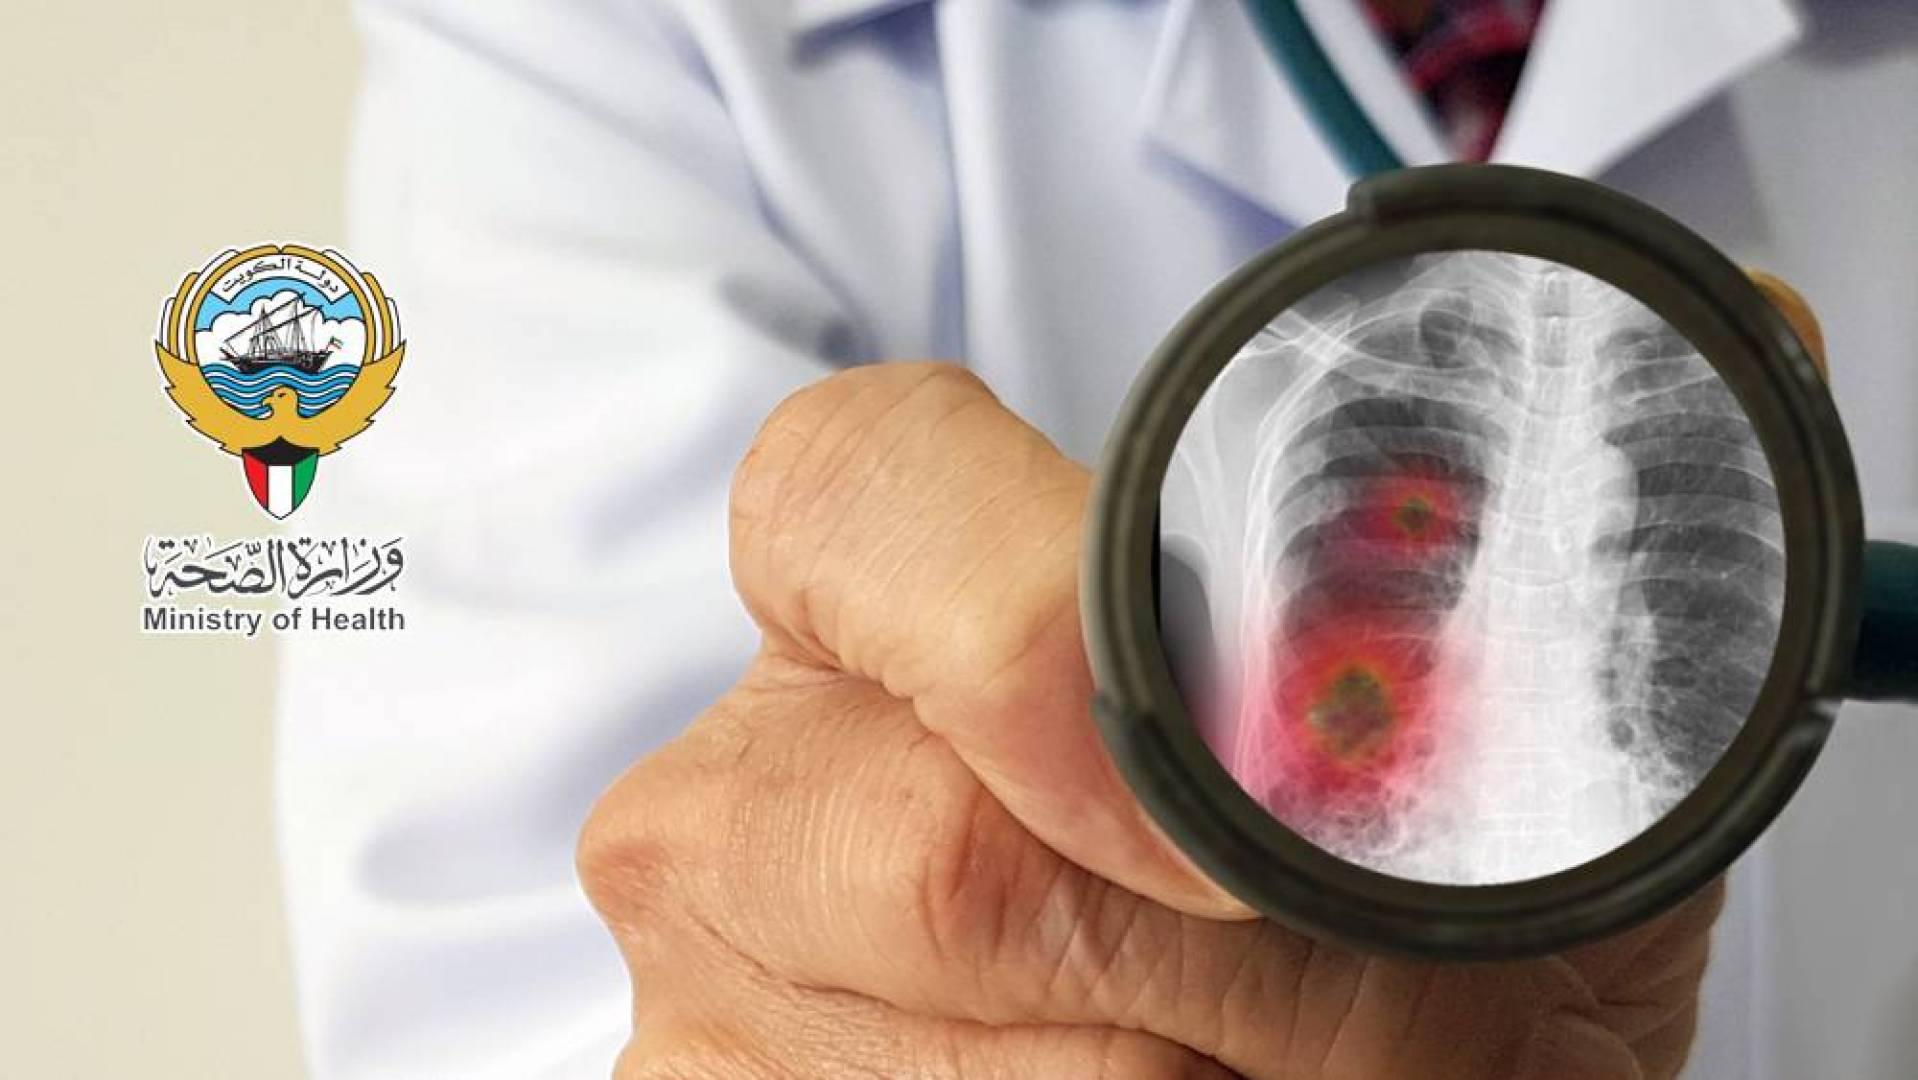 «الصحة»: ارتفاع عدد الإصابات بفيروس كورونا إلى 26 حالة في الكويت